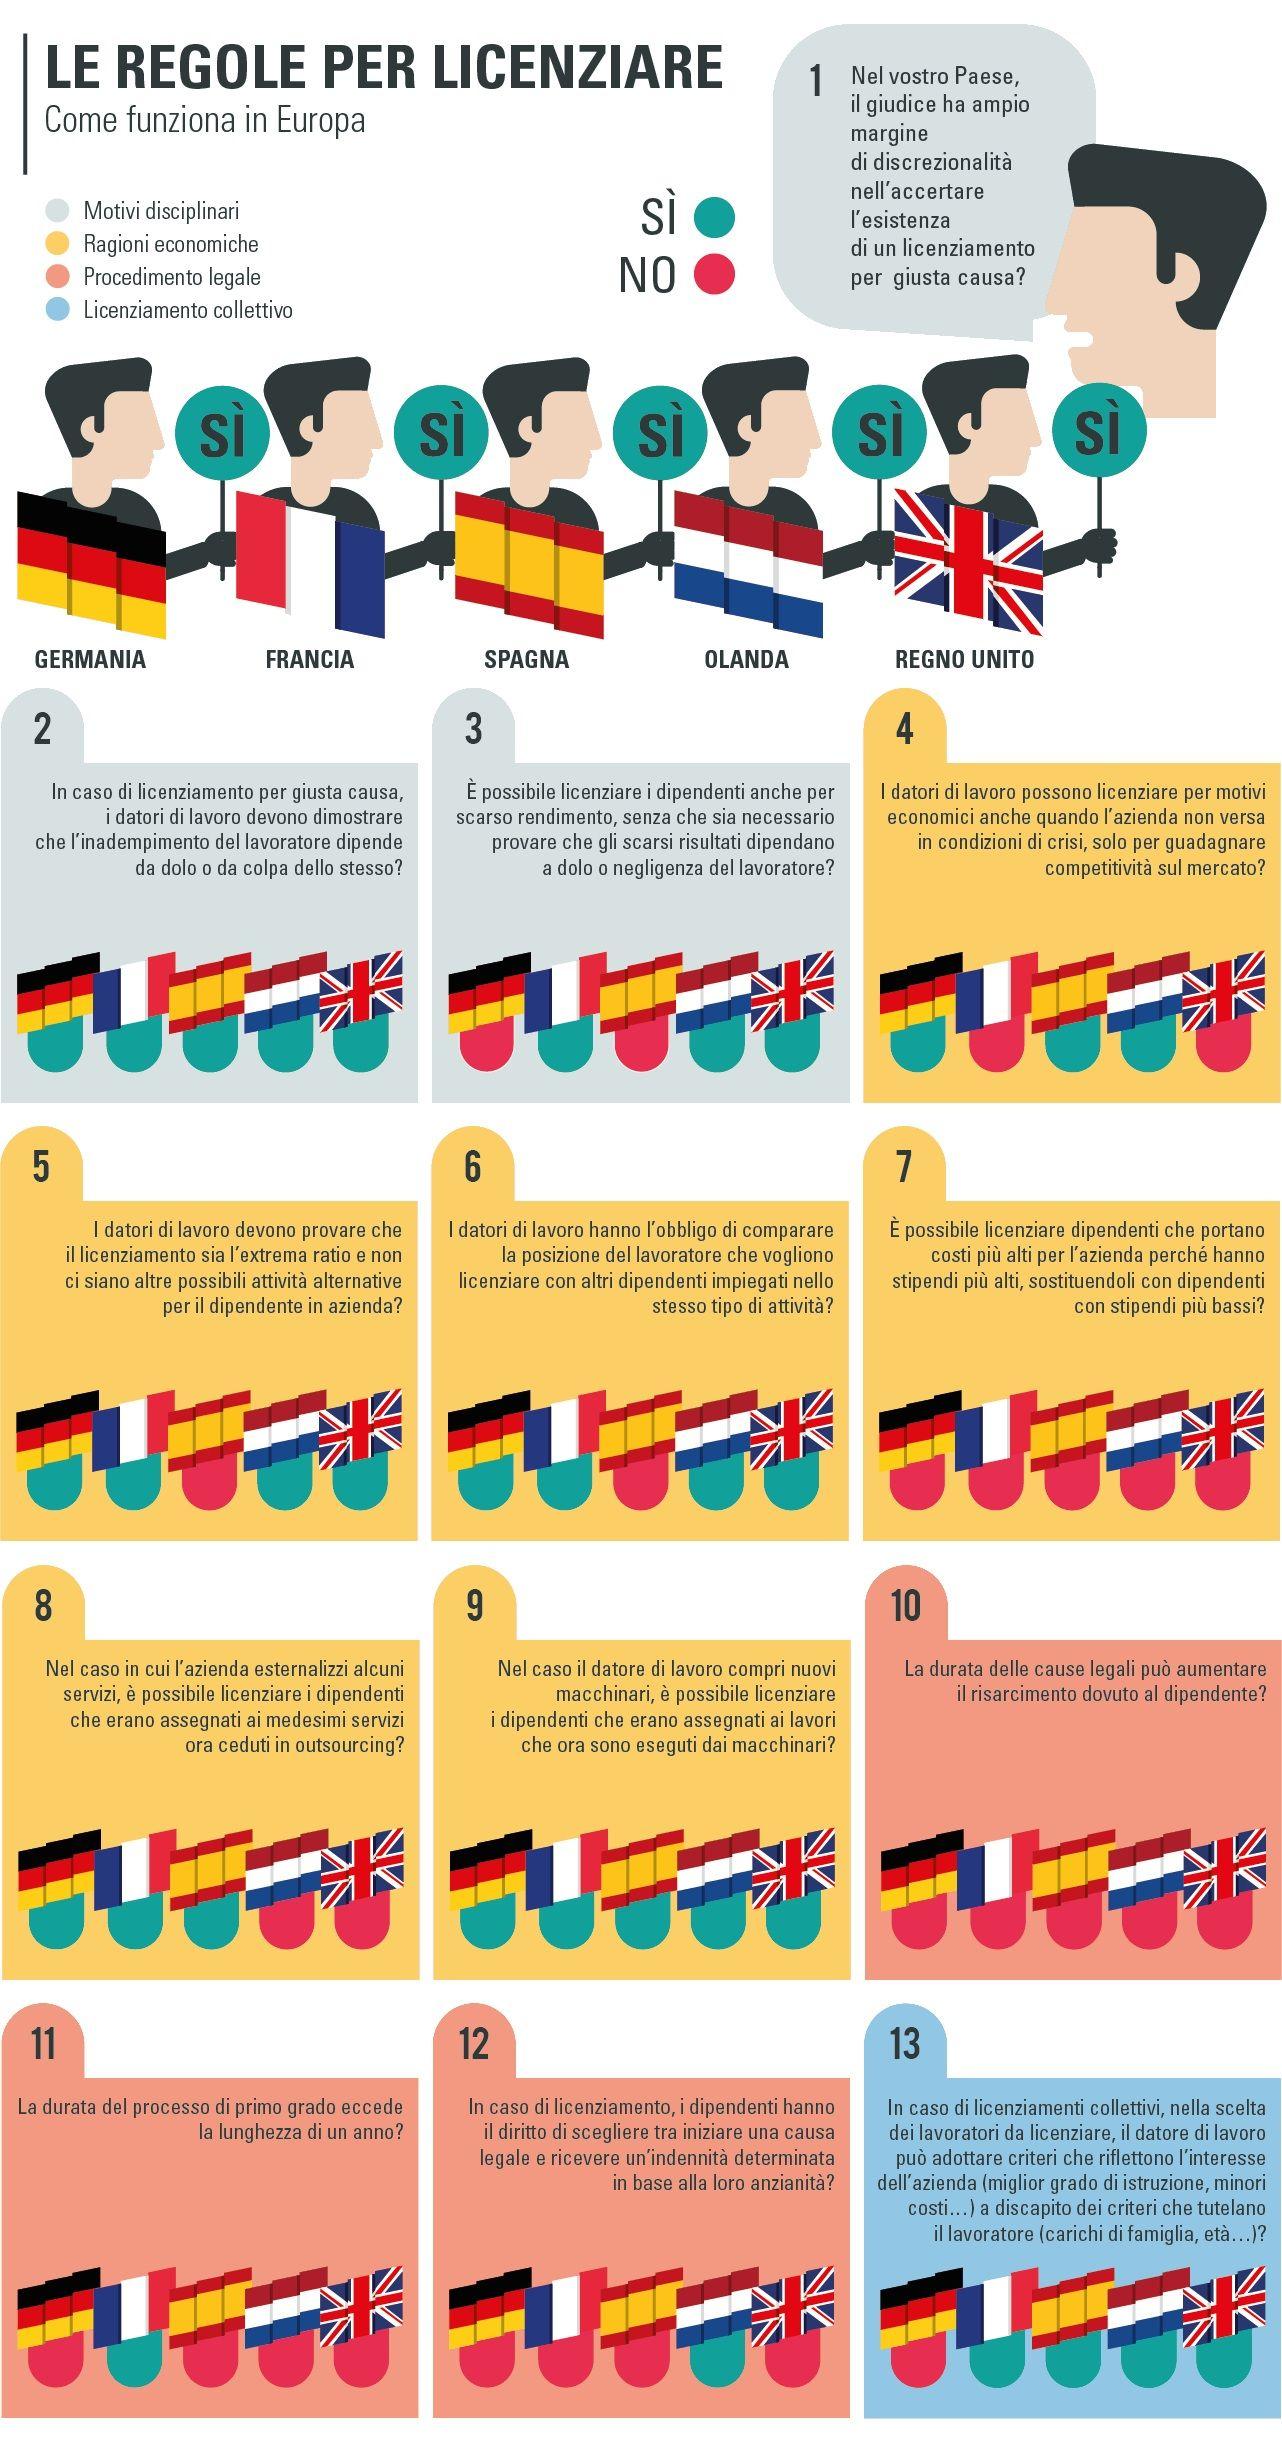 Articolo18 Regole Per Licenziare In Europa Europa Regno